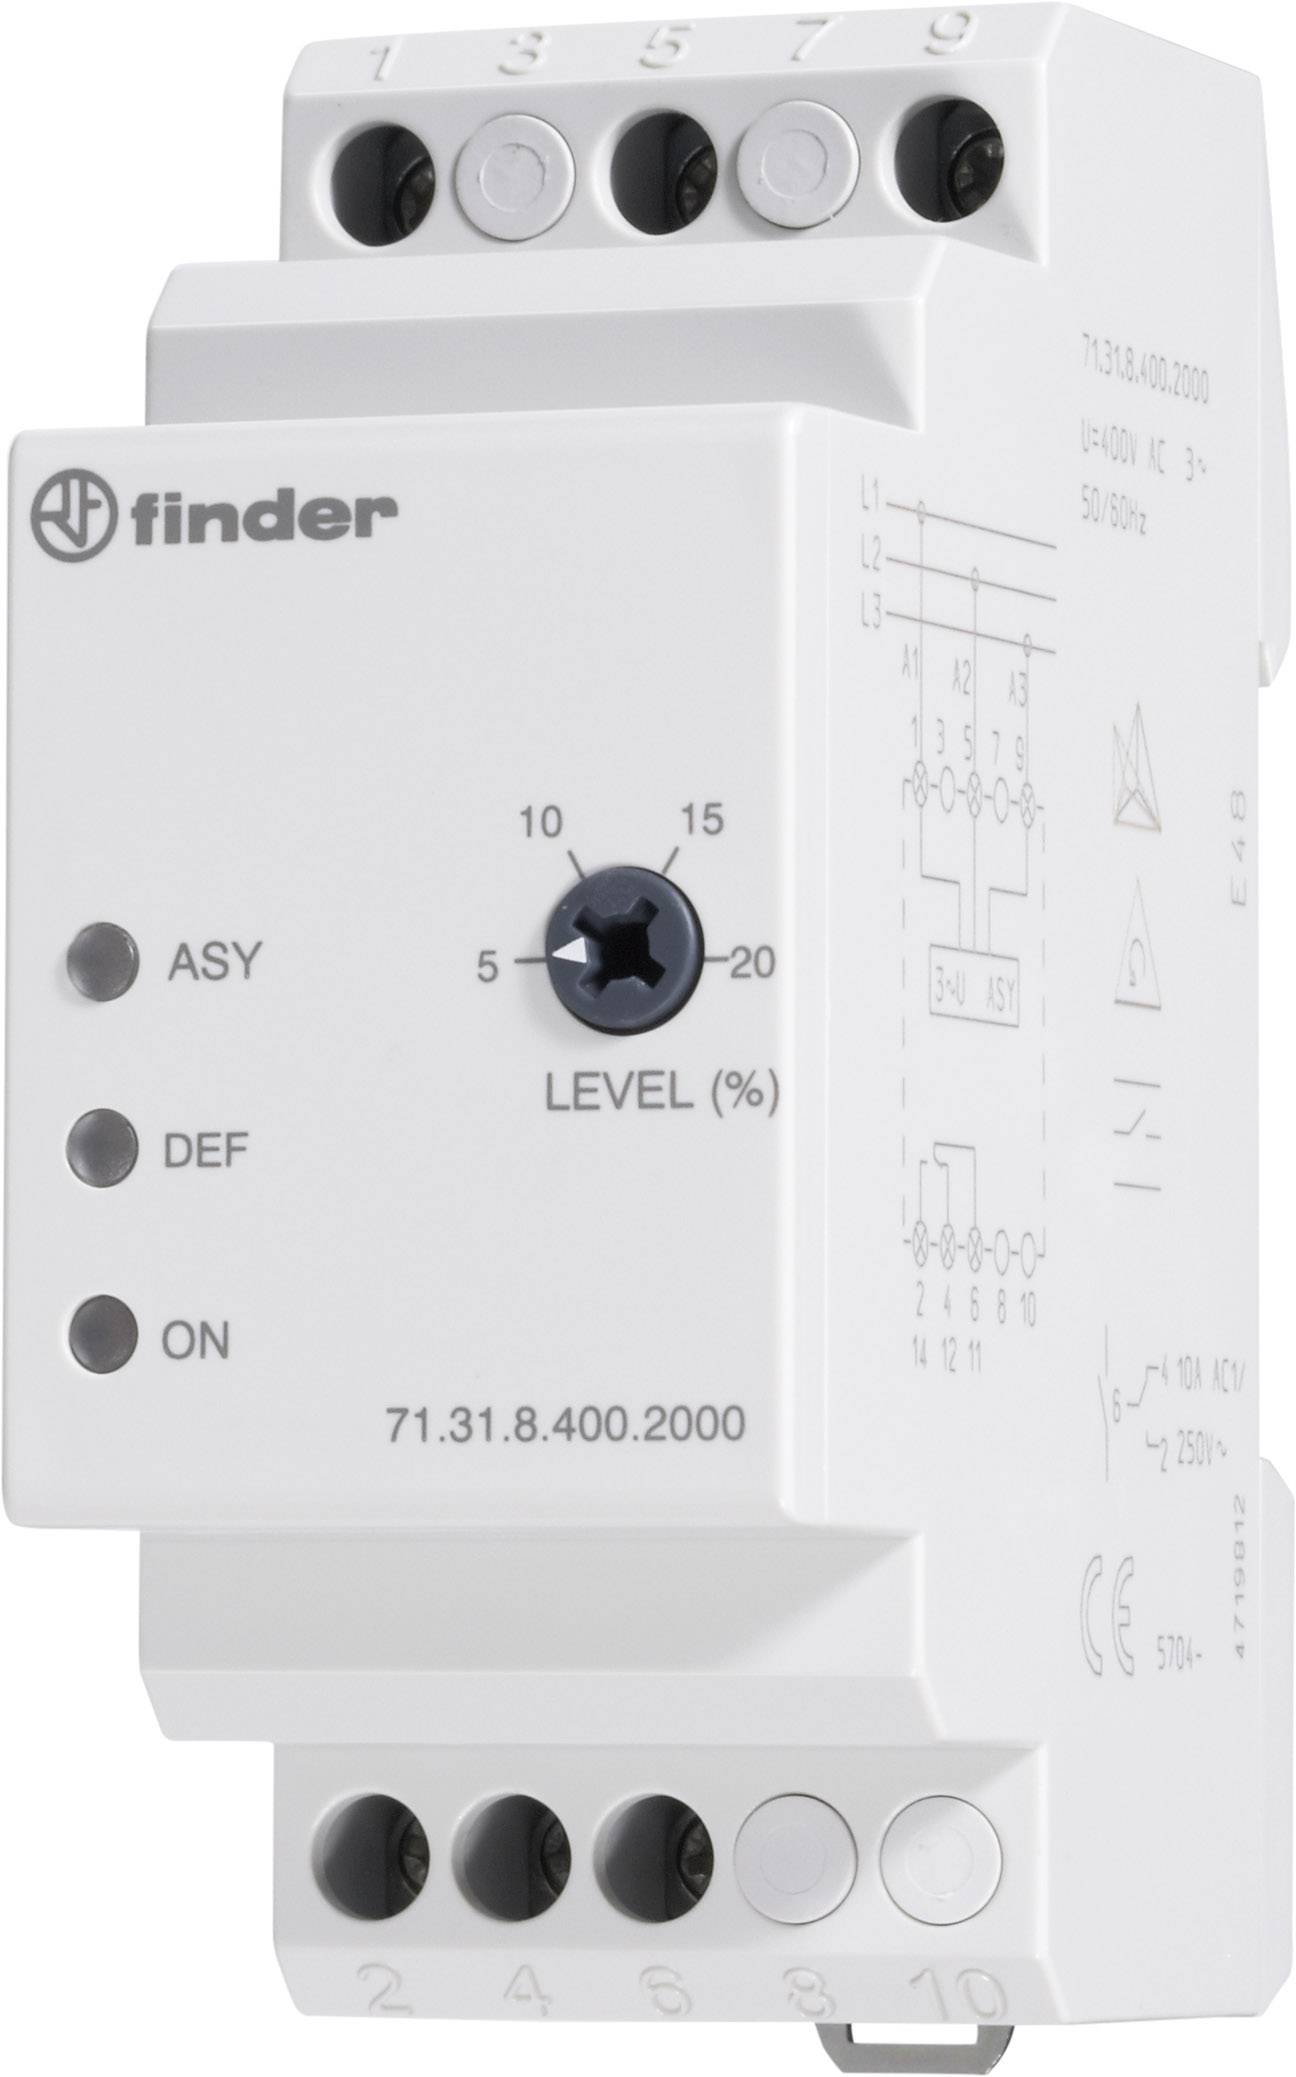 Kontrolné relé Finder 71.31.8.400.2000